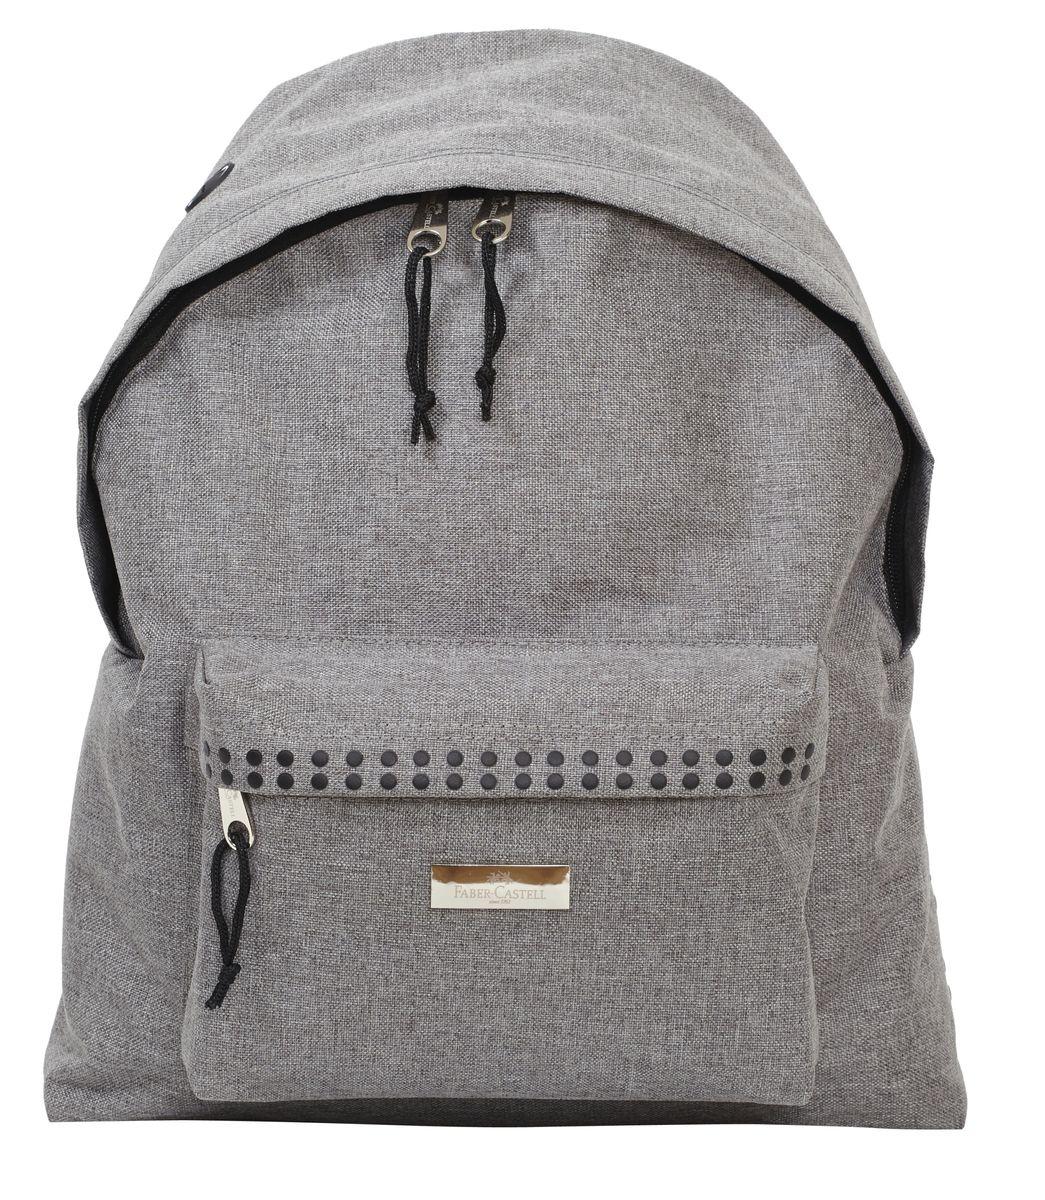 Faber-Castell Рюкзак Grip цвет серый #1